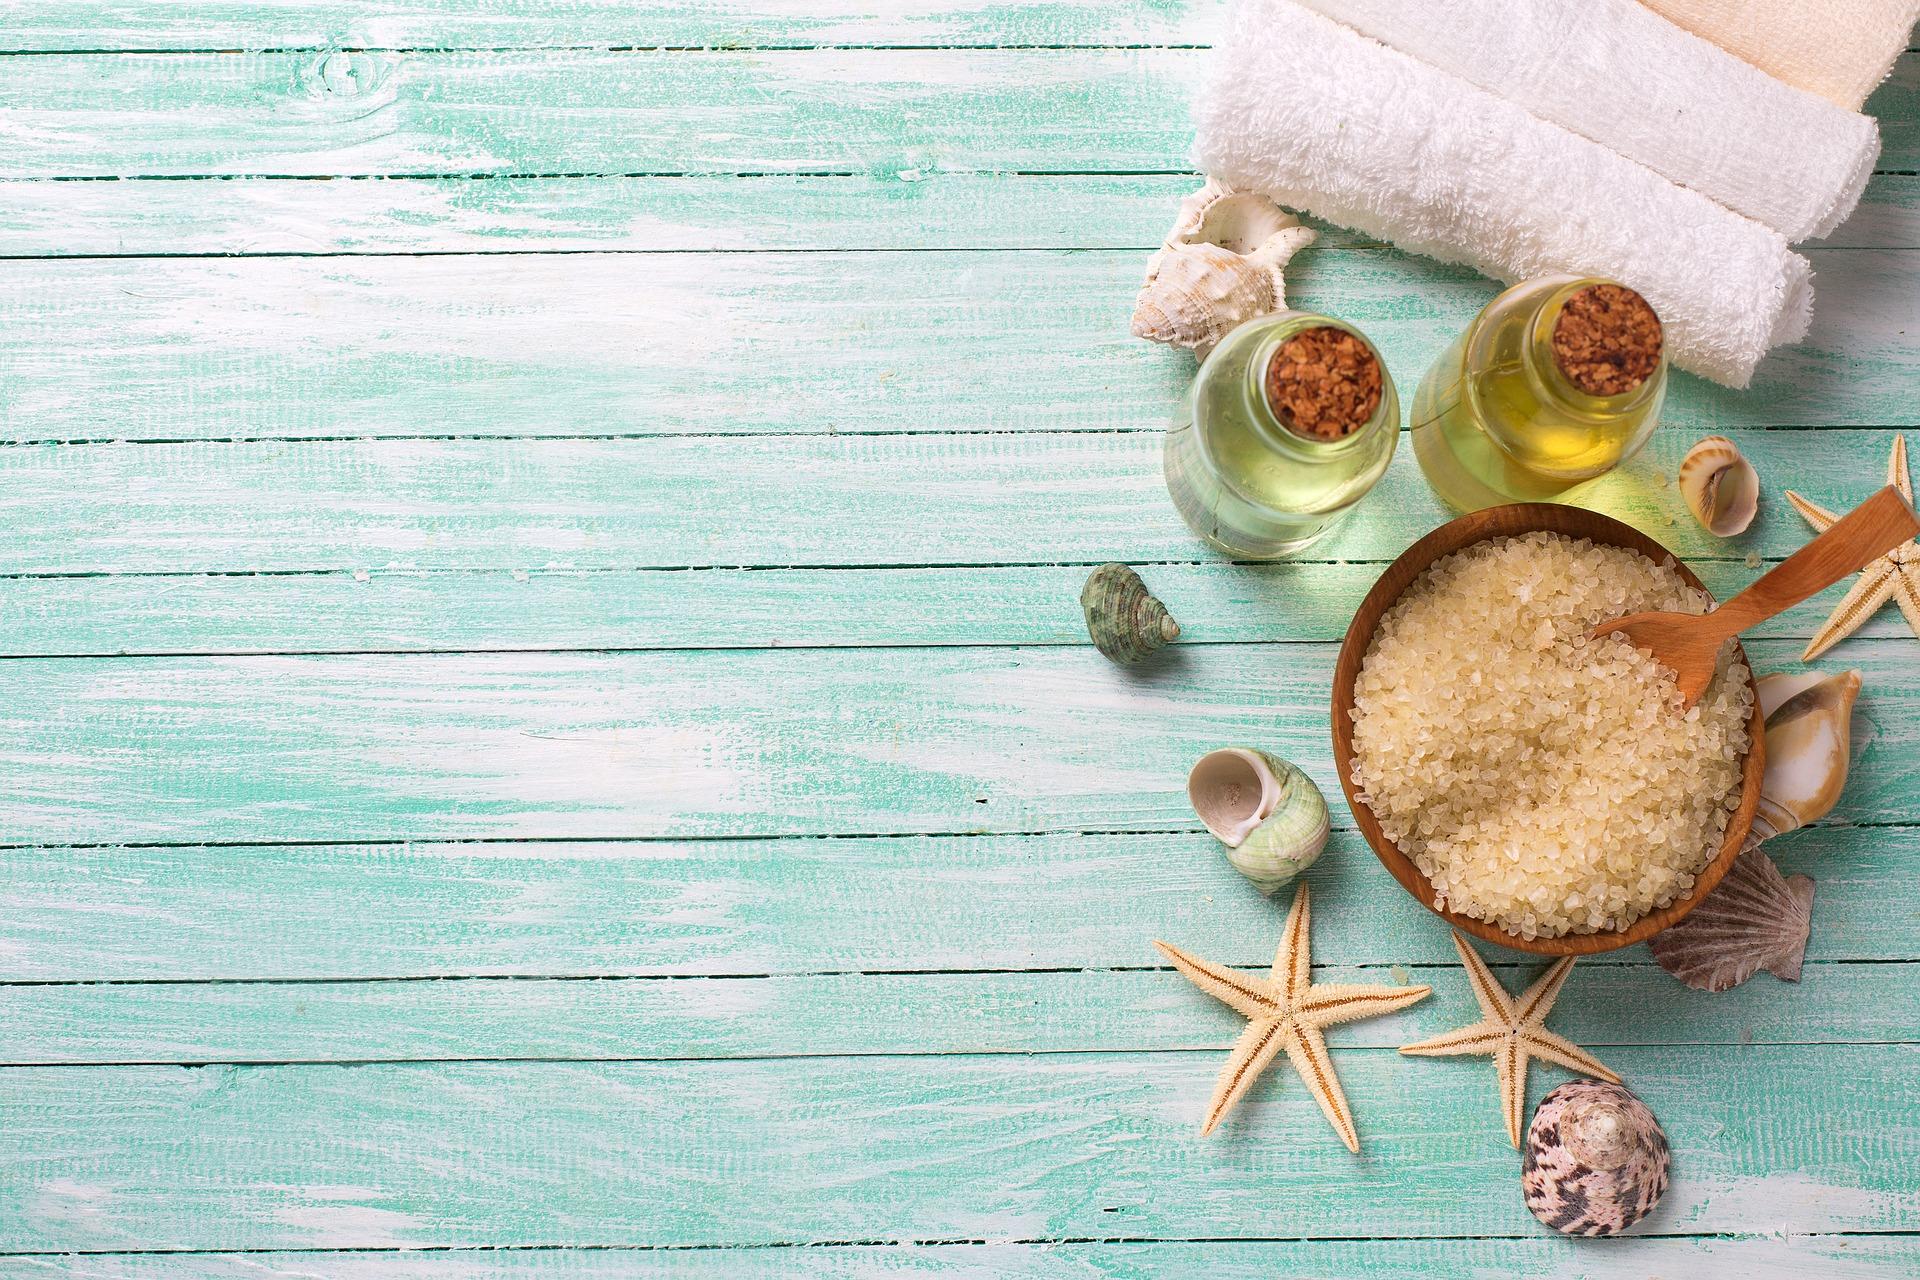 aceites para hidratar piel